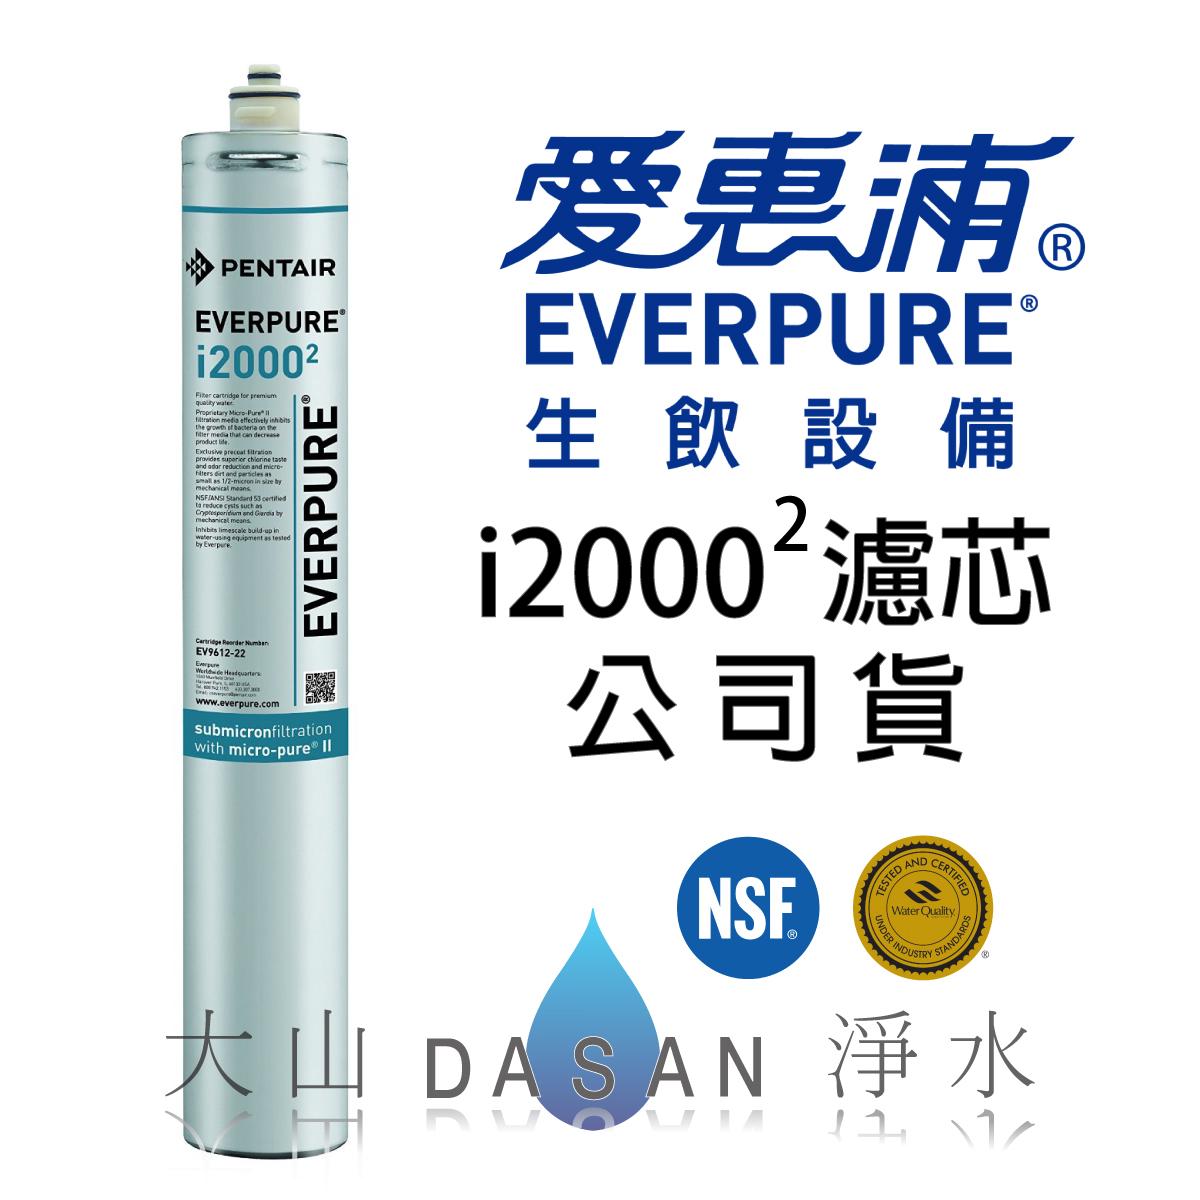 大山淨水 EVERPURE臺灣愛惠浦i20002濾心 | 大山淨水有限公司